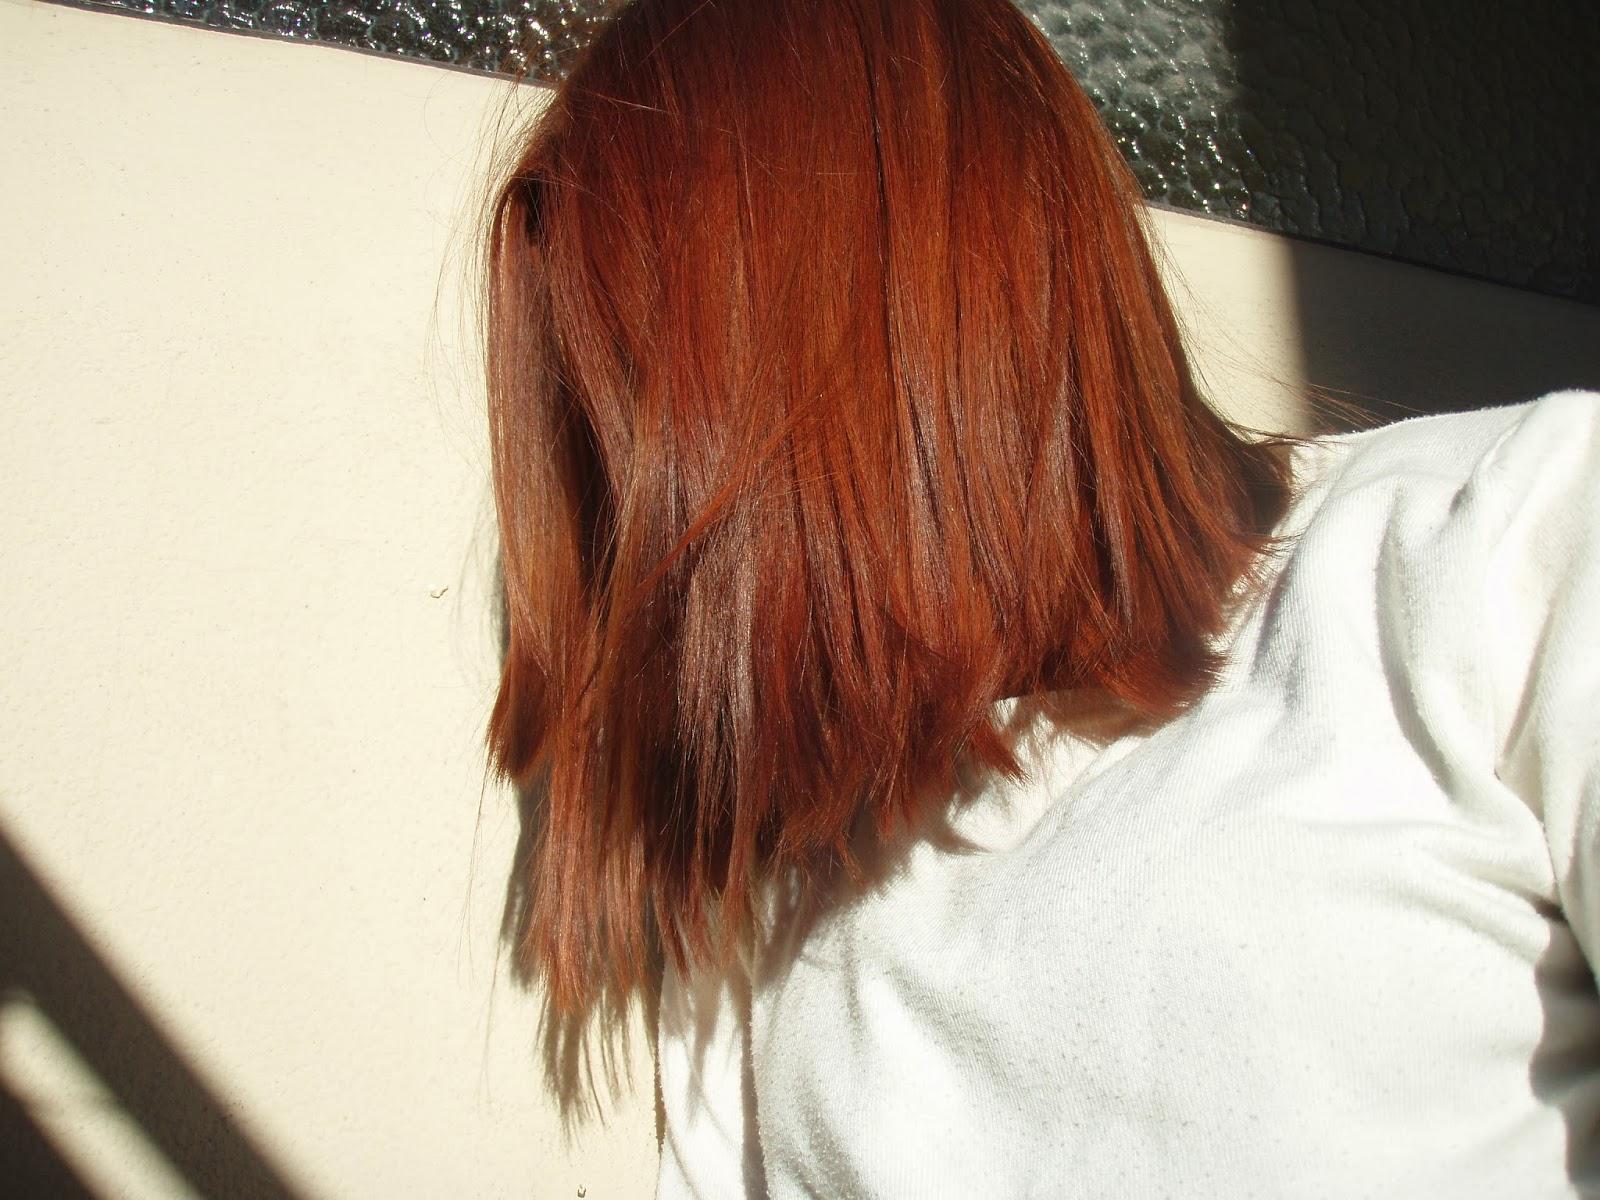 Baño De Color Rojo En Pelo Castano:Nuevo tono de pelo! Cómo quitar el rojo del cabello (por segunda vez